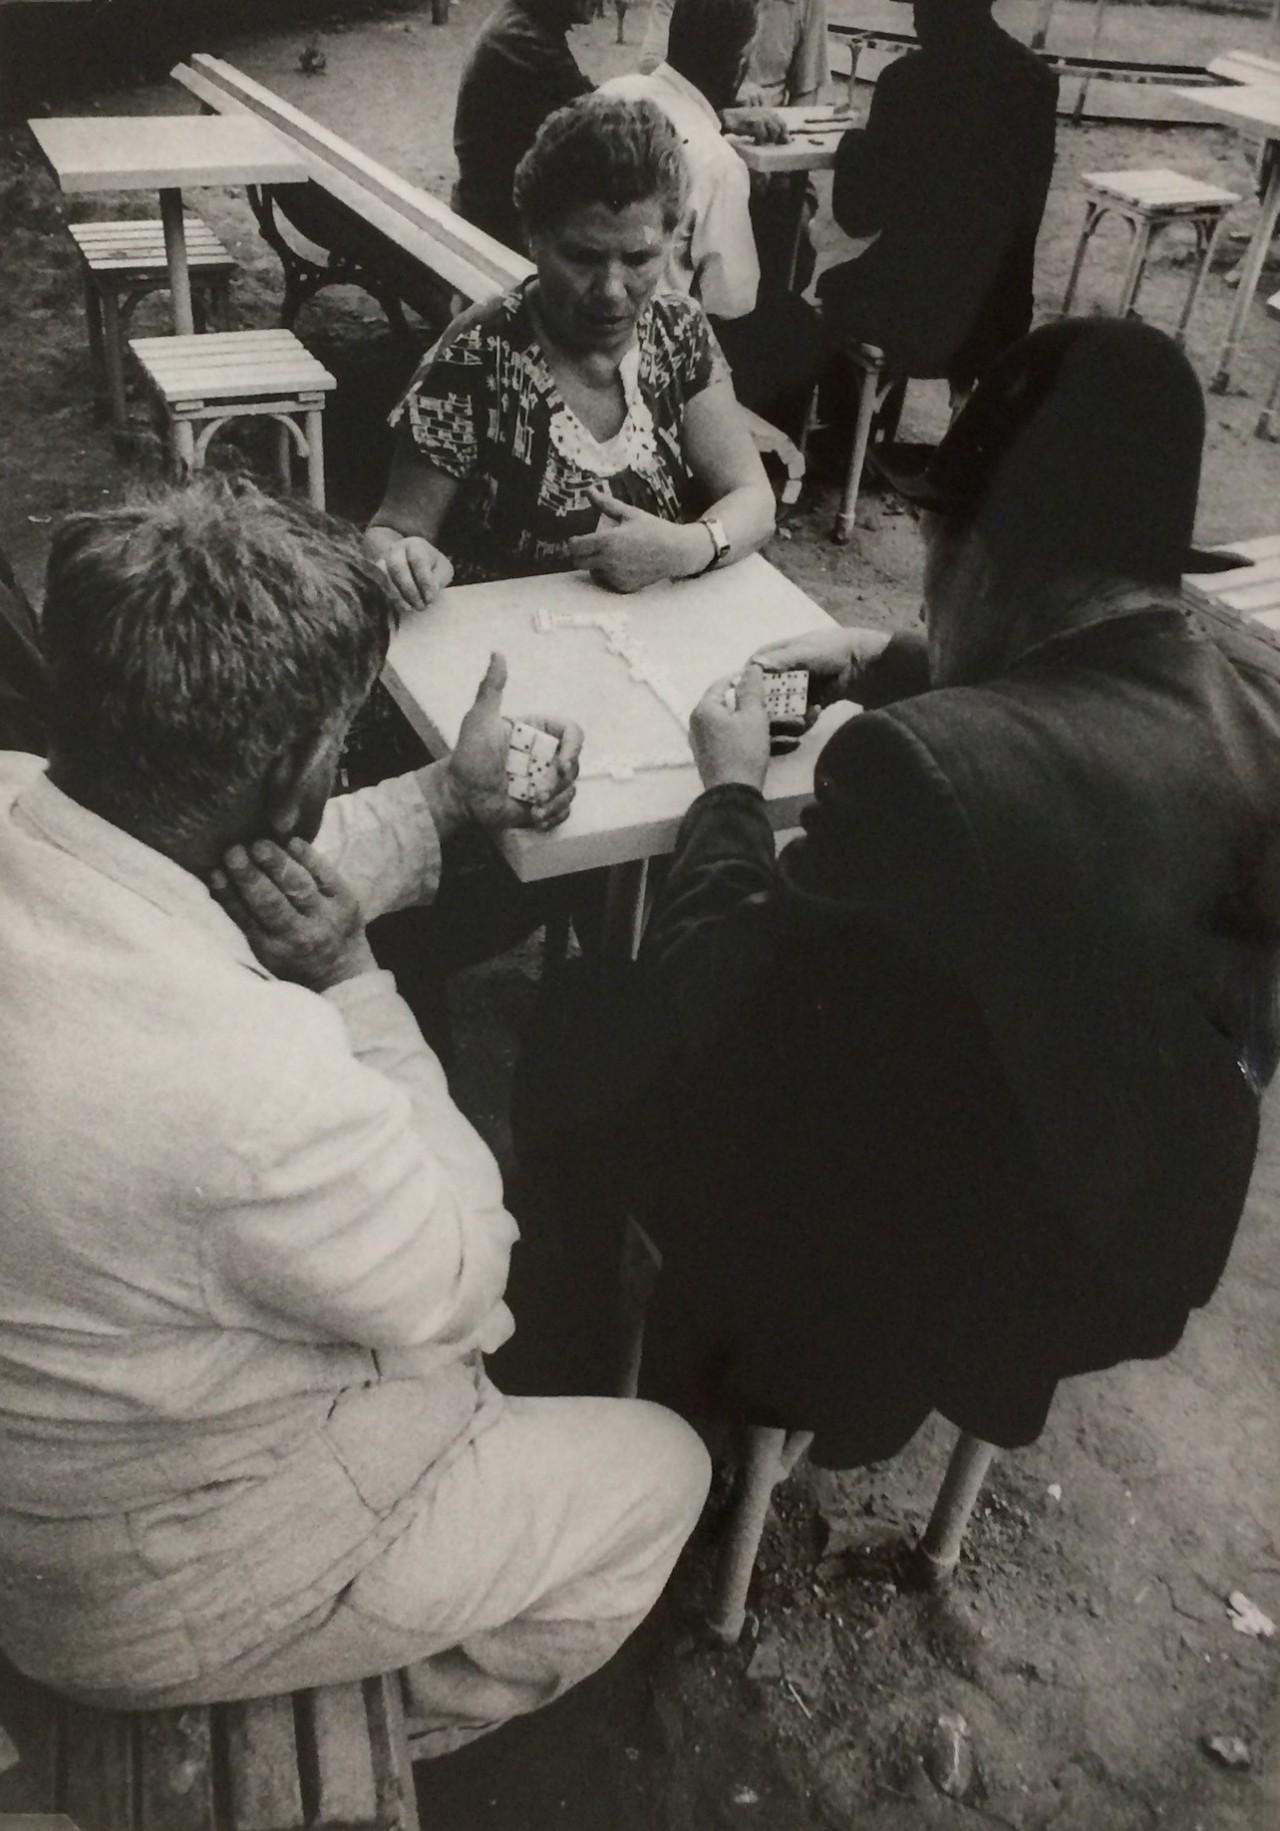 Игра в домино, Москва, 1959 год. Фотограф Уильям Кляйн